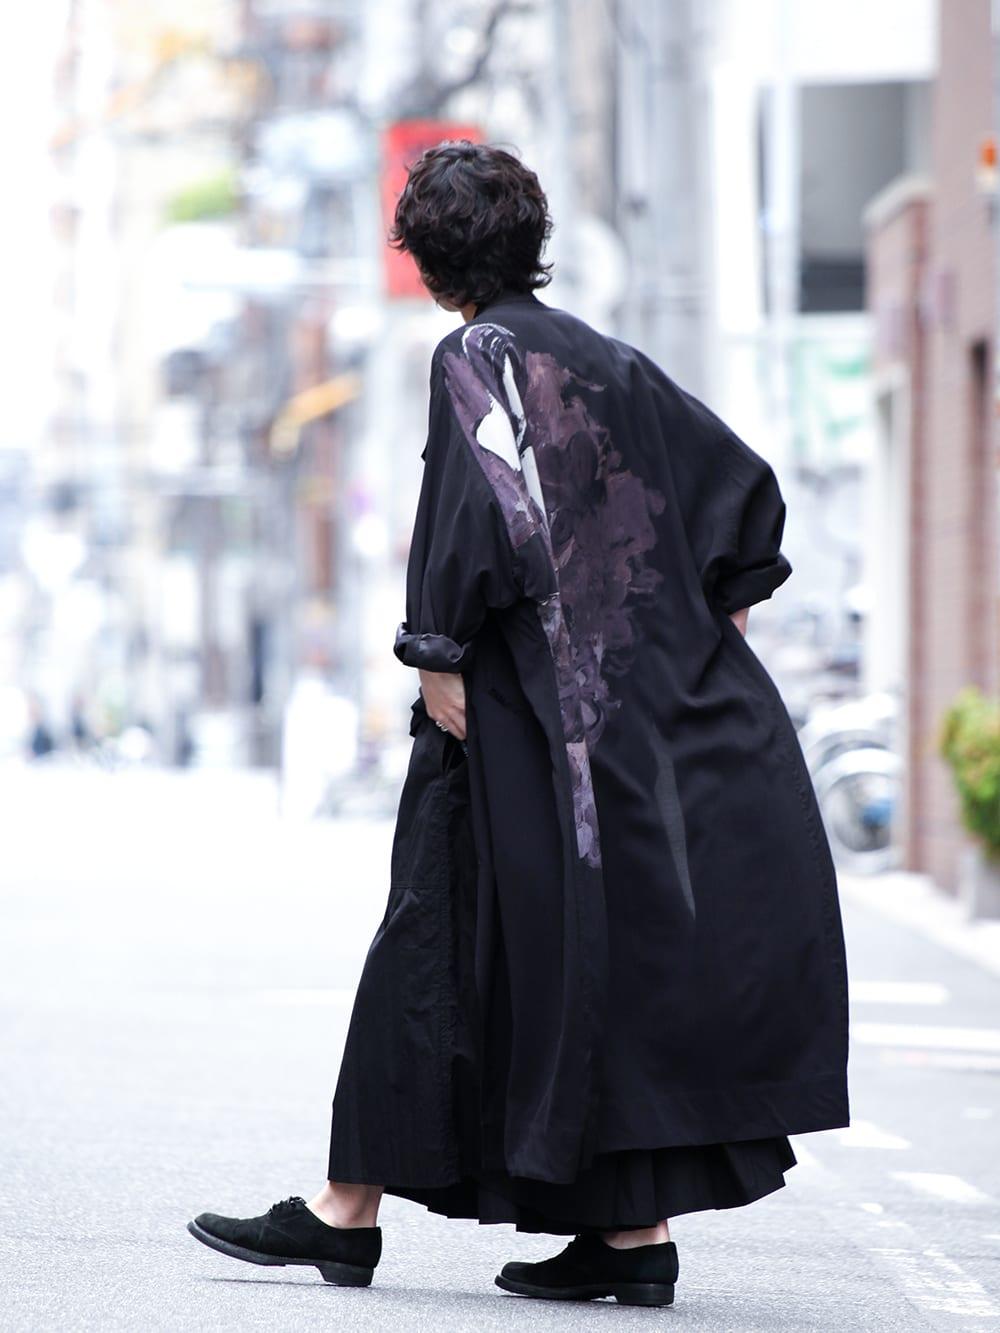 Yohji Yamamoto 19SS HAKAMA Pants 2Way Coordinate - 1-003